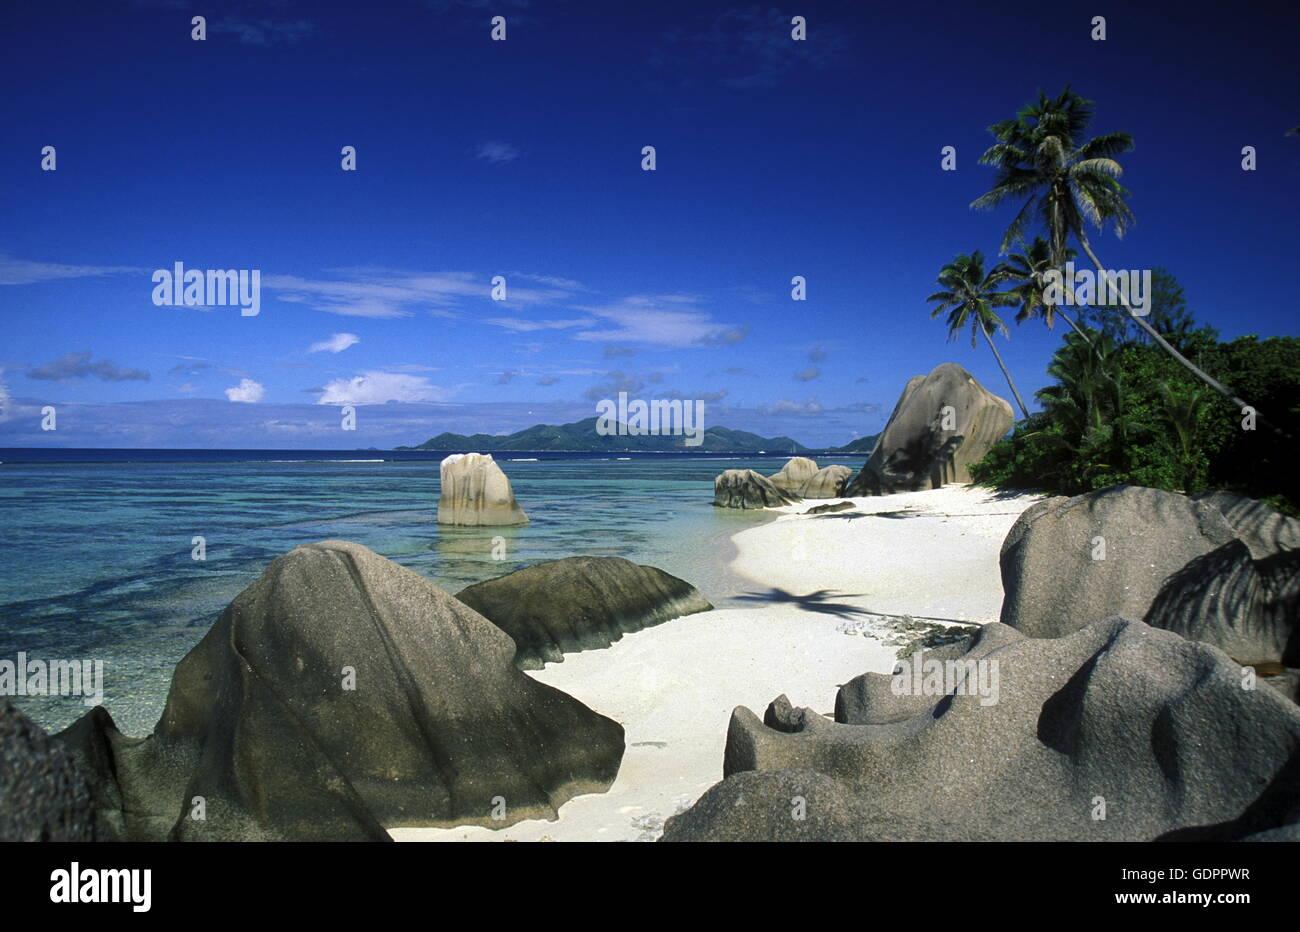 Afrika, Indischer Ozean, Seychellen, Insel, Strand, Reisen, Ferien, Meer, Strand, La Digue, Ein Traumstrand ein Stockbild